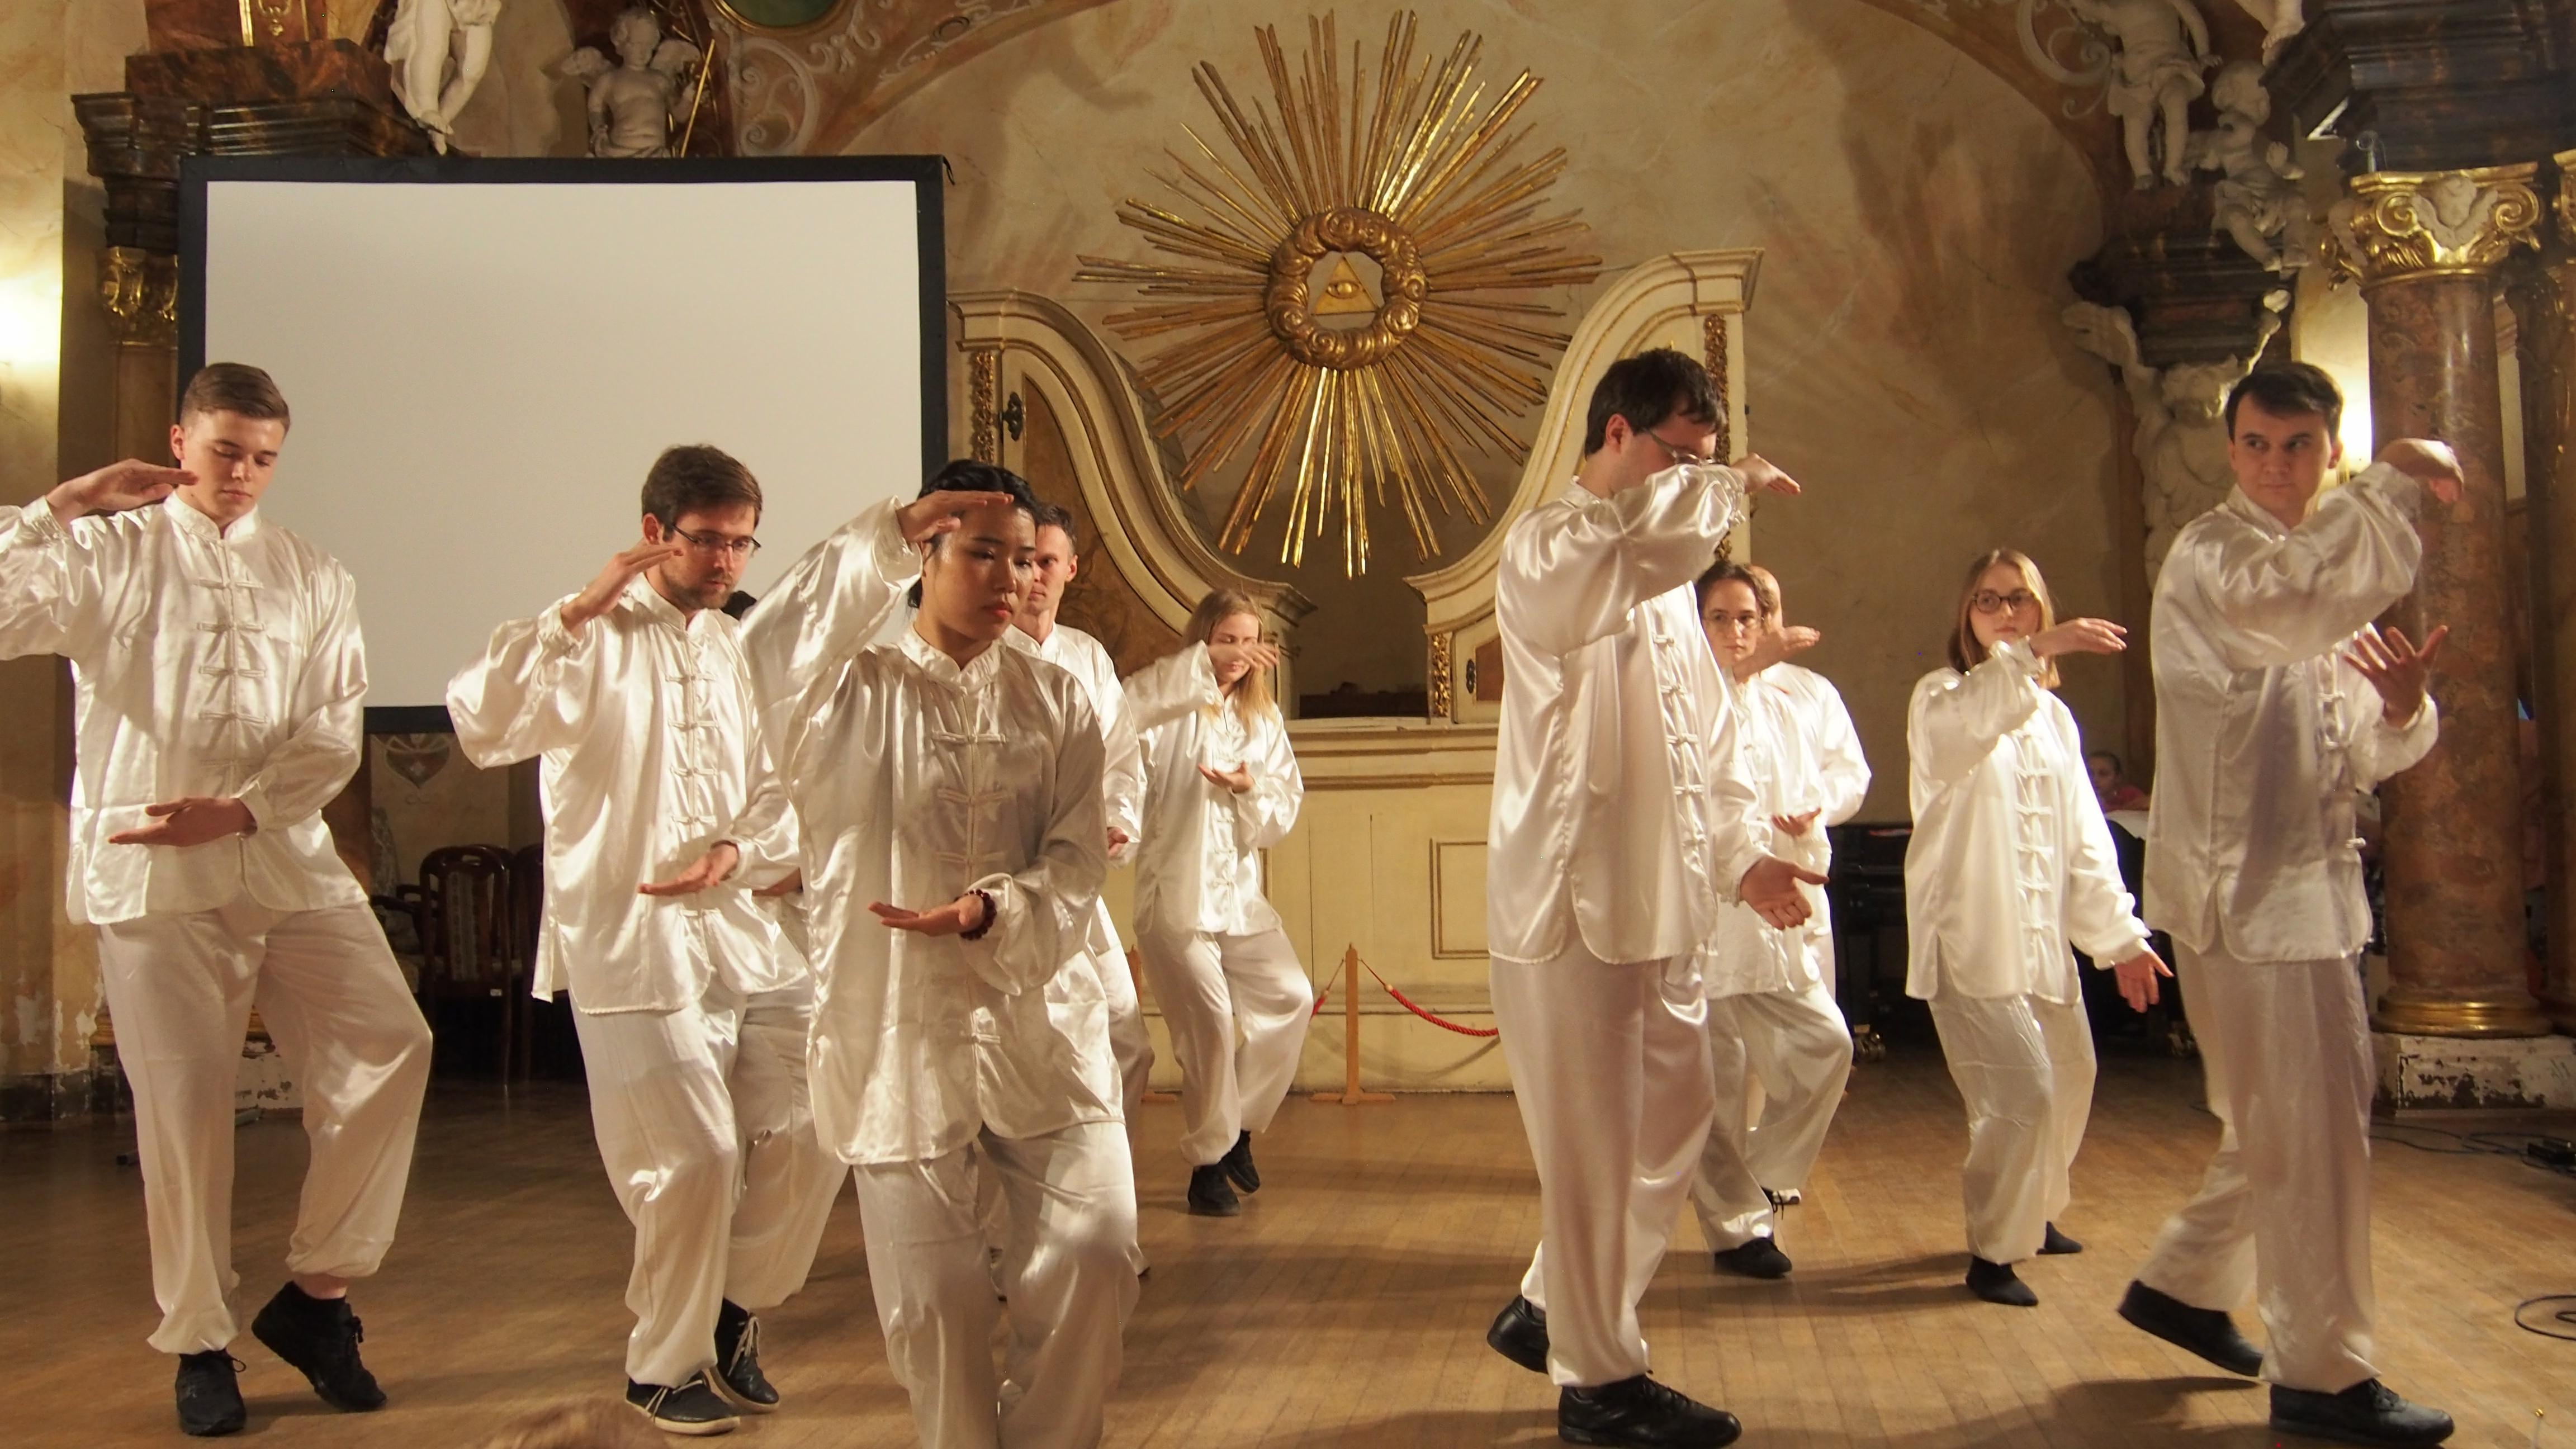 1月28日,弗罗茨瓦夫孔子学院志愿者与商务班学生表演太极拳。